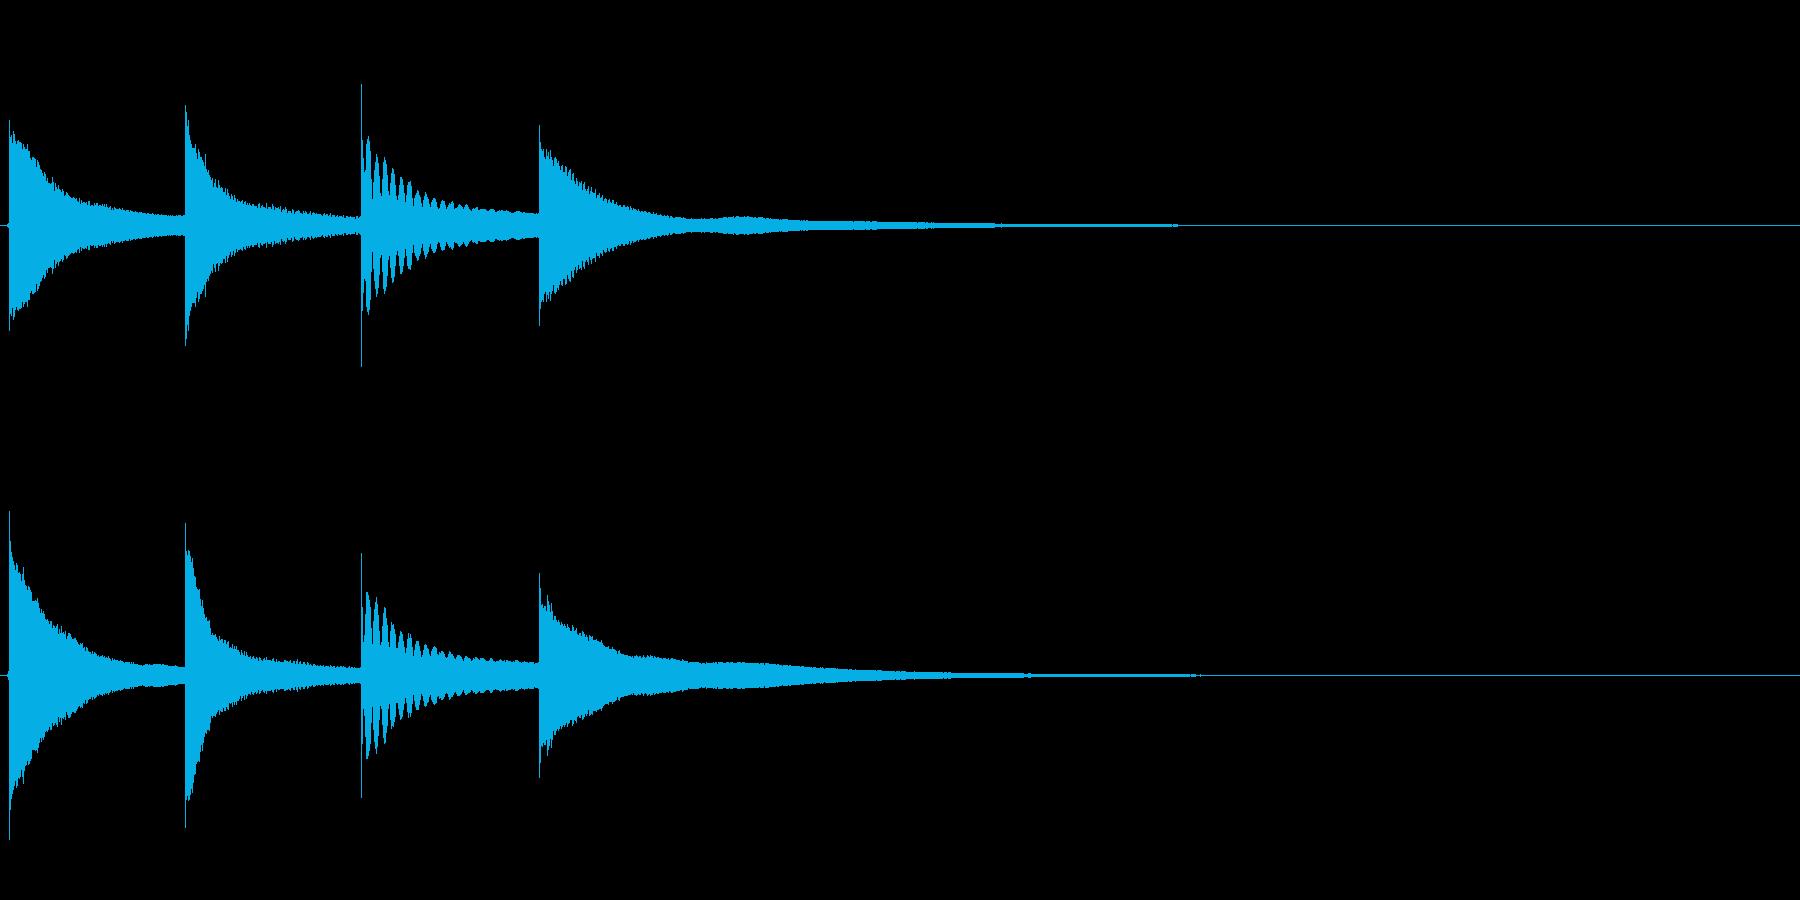 【チャイム アナウンス01-up1】の再生済みの波形